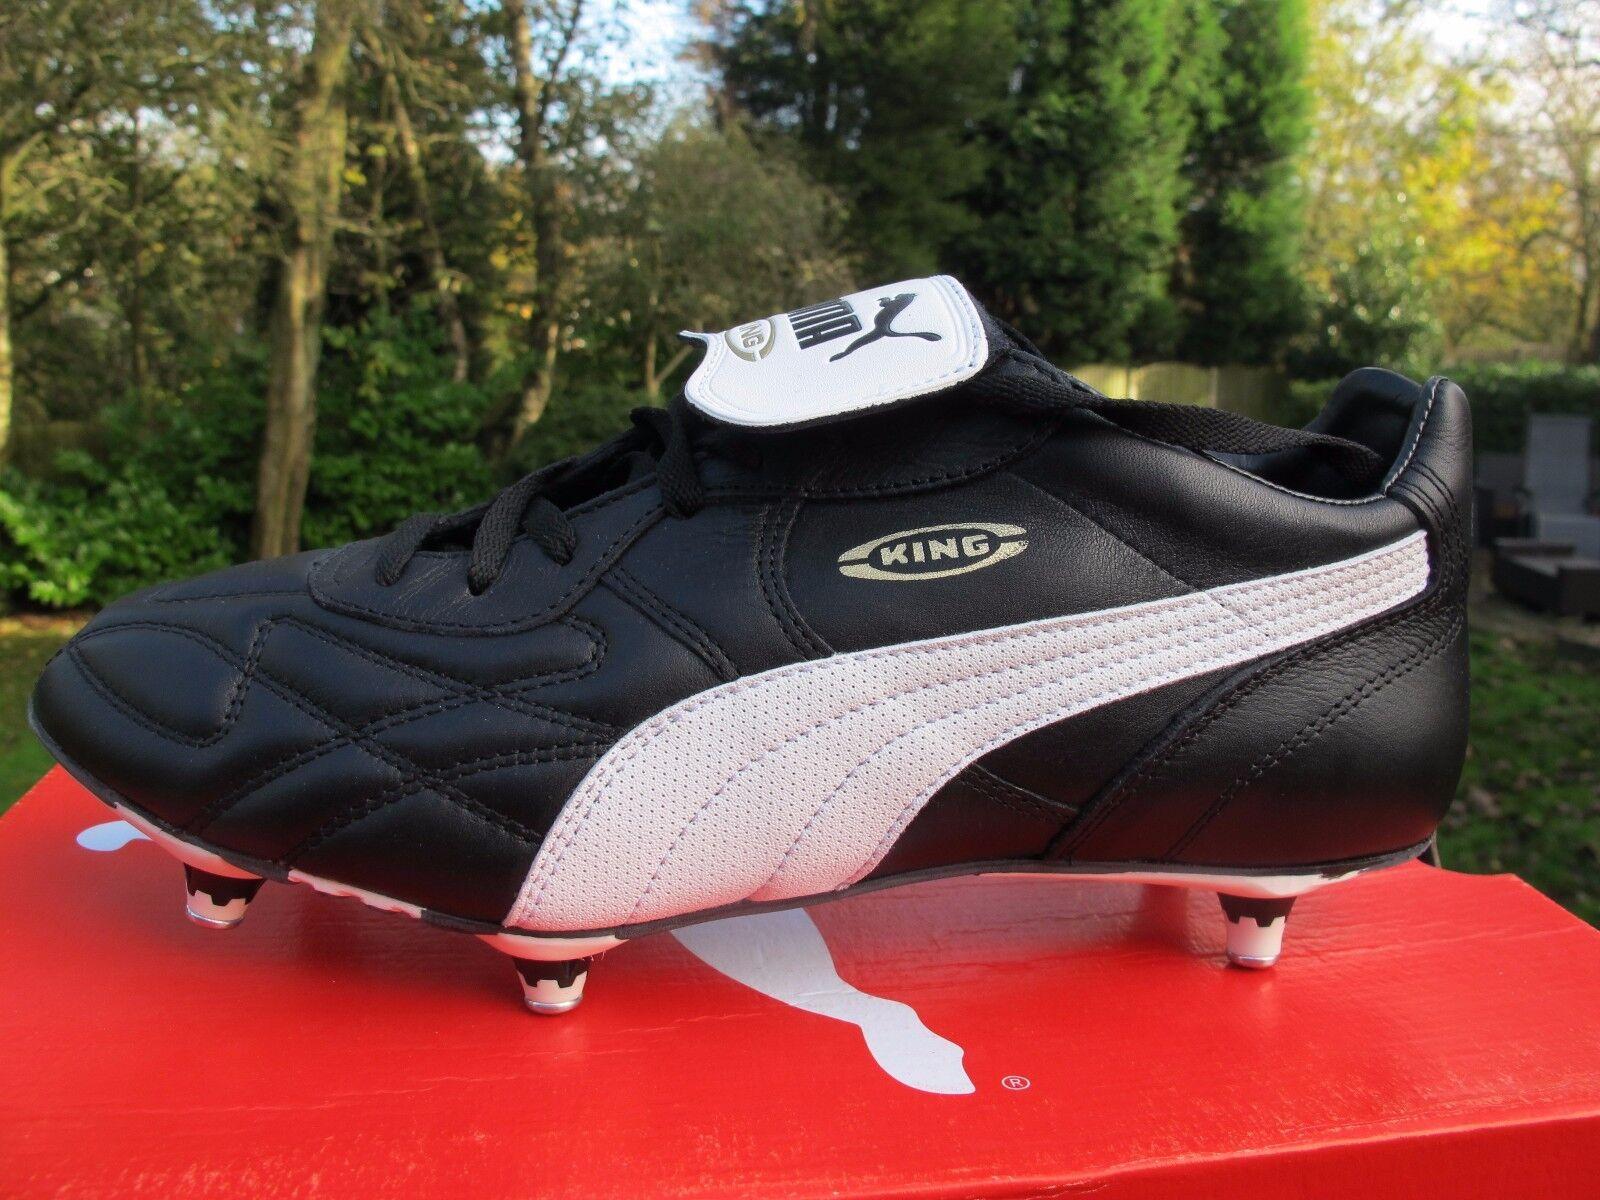 Puma King Pro Sg Adultos botas De Fútbol Negros blancoos Originales 195010 7.5-10 BN